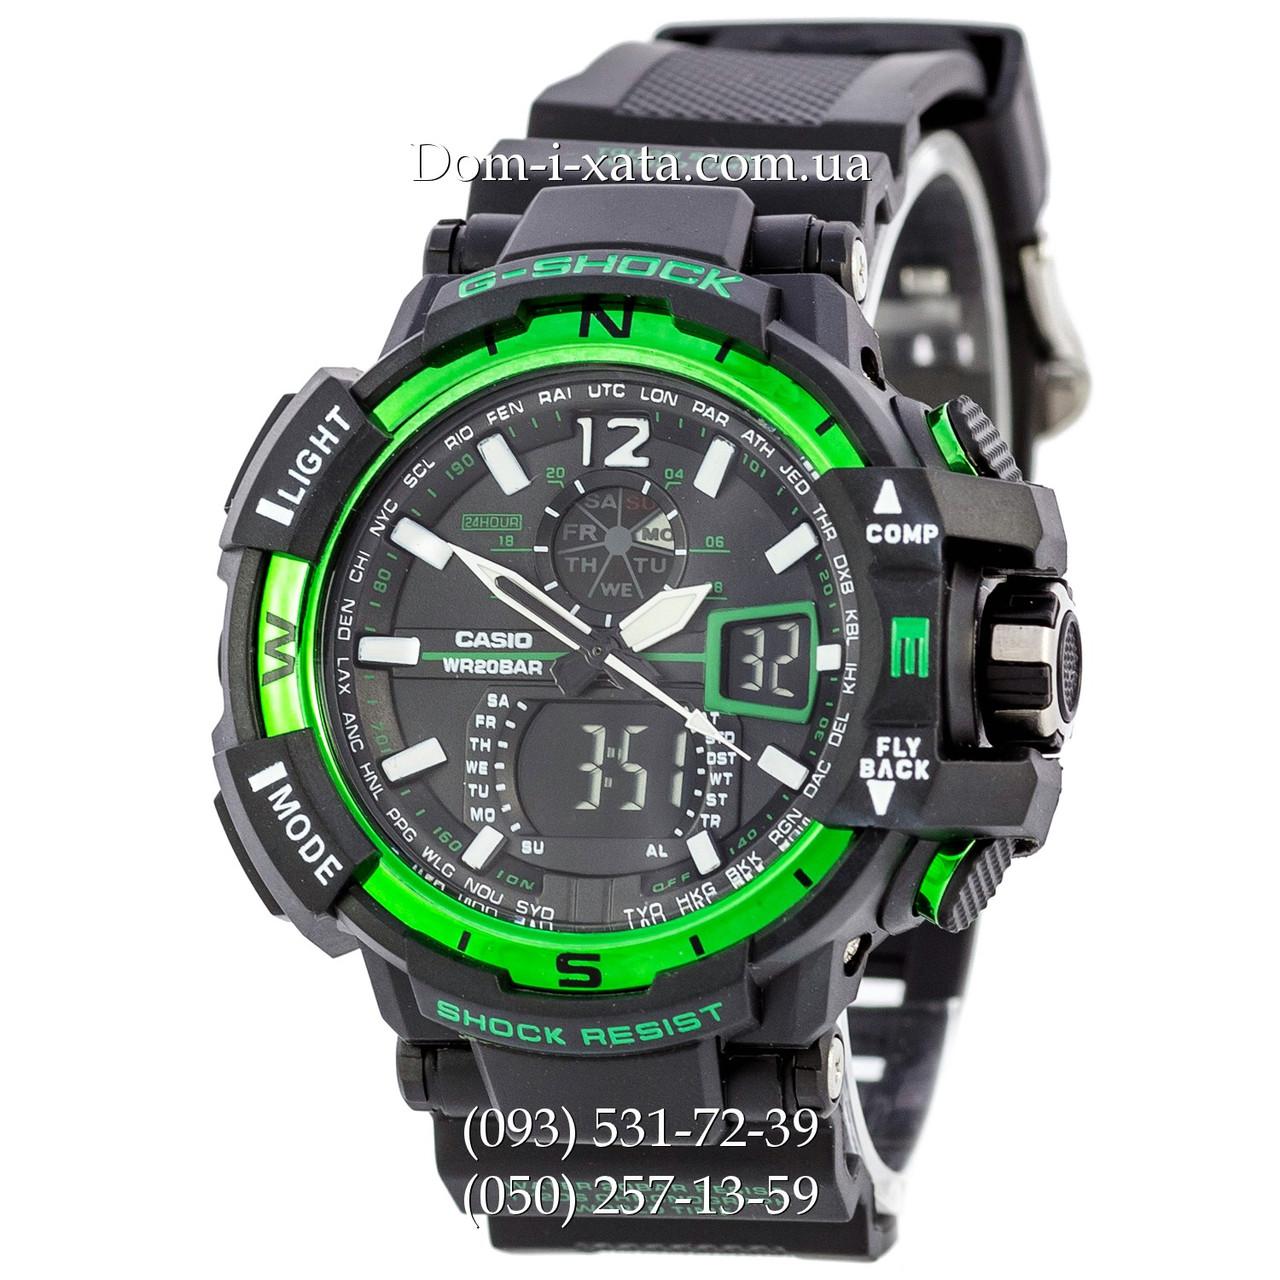 Электронные часы Casio G-Shock GW A1100 Black Green, спортивные часы Джи Шок(черно-зеленые), реплика